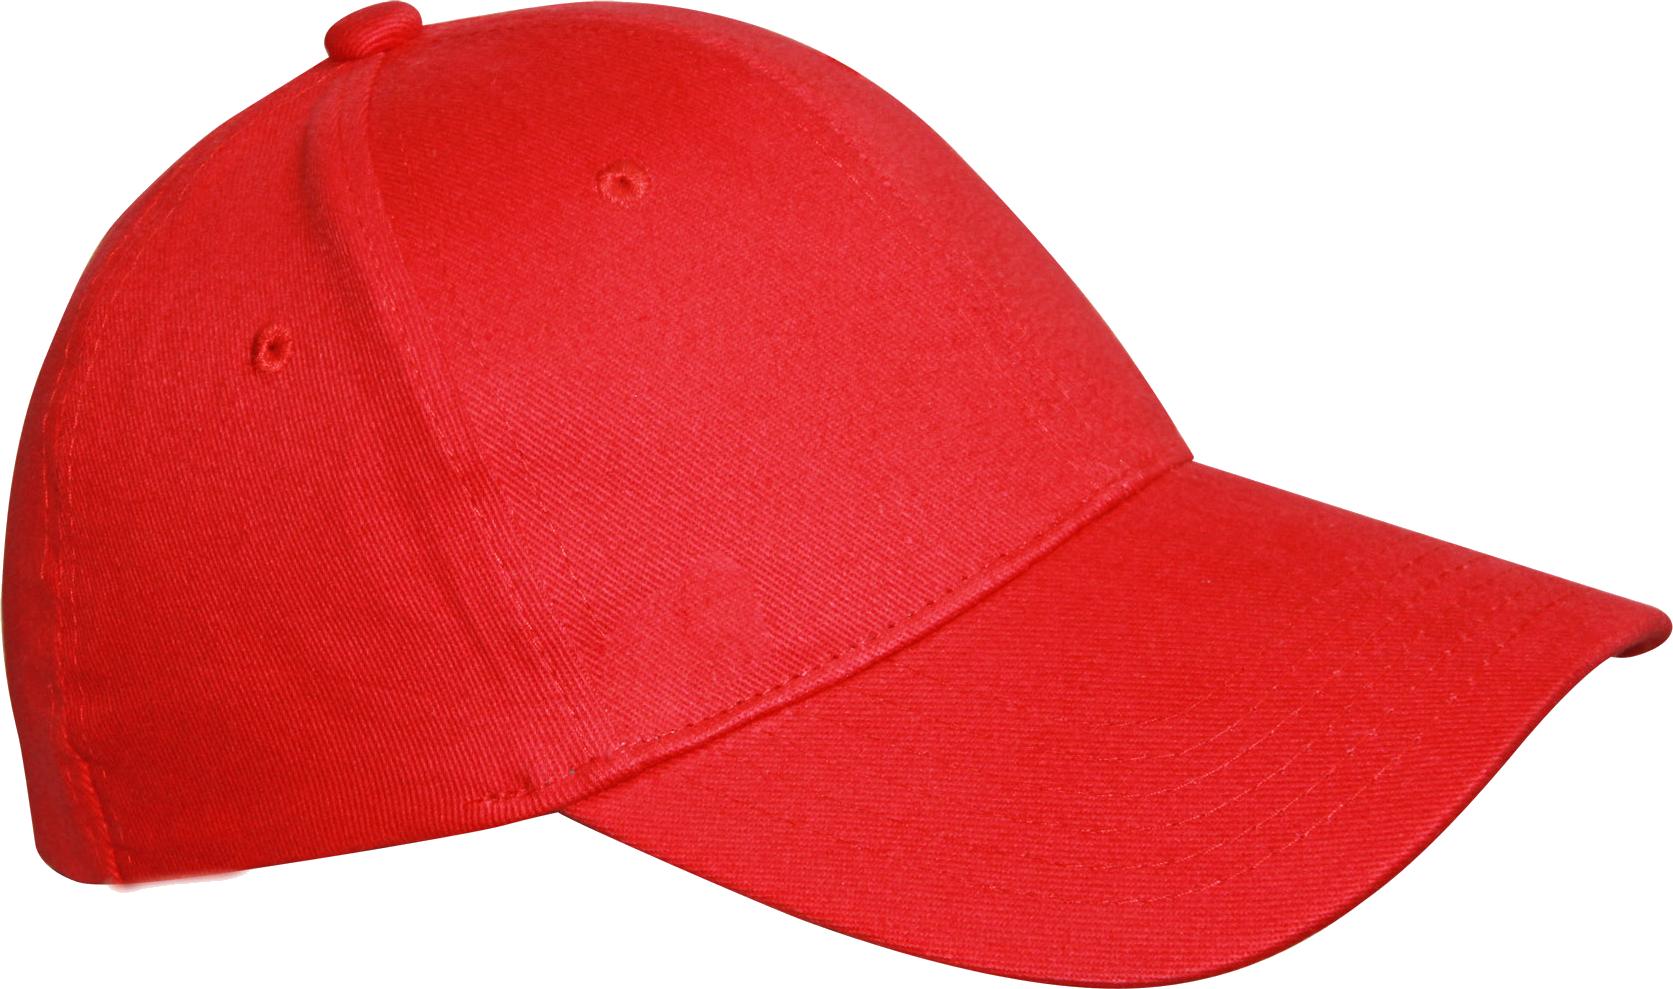 Cap PNG - 16899